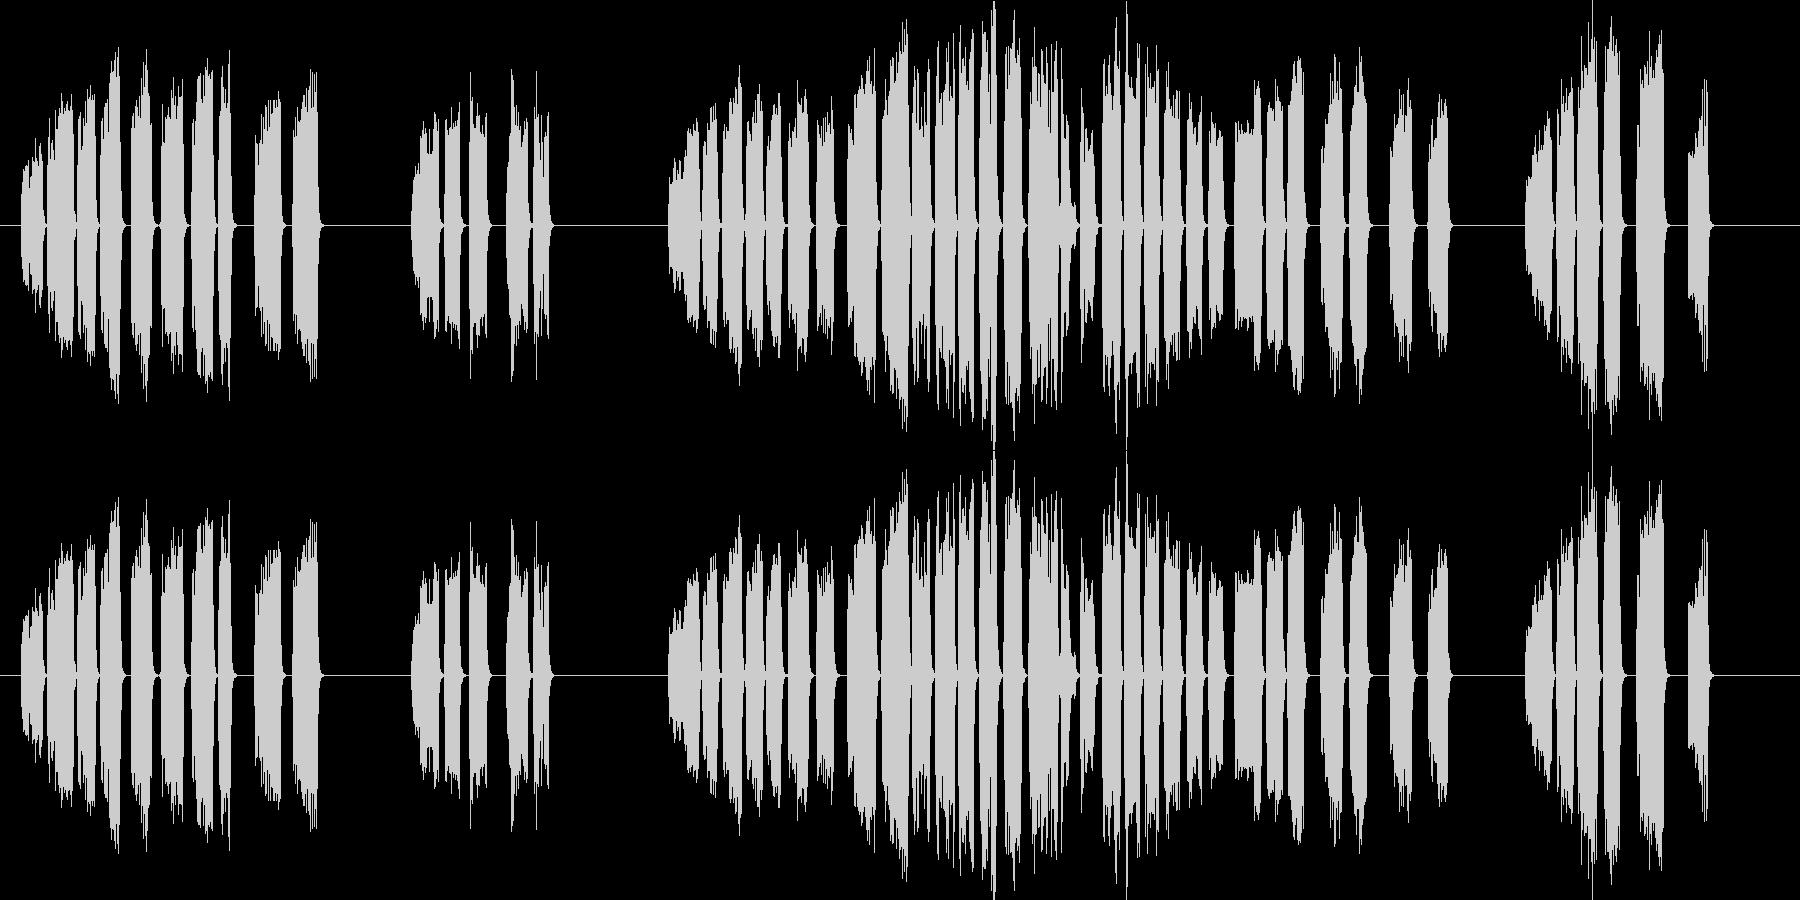 ファルコン、プレーリーコール。大声...の未再生の波形